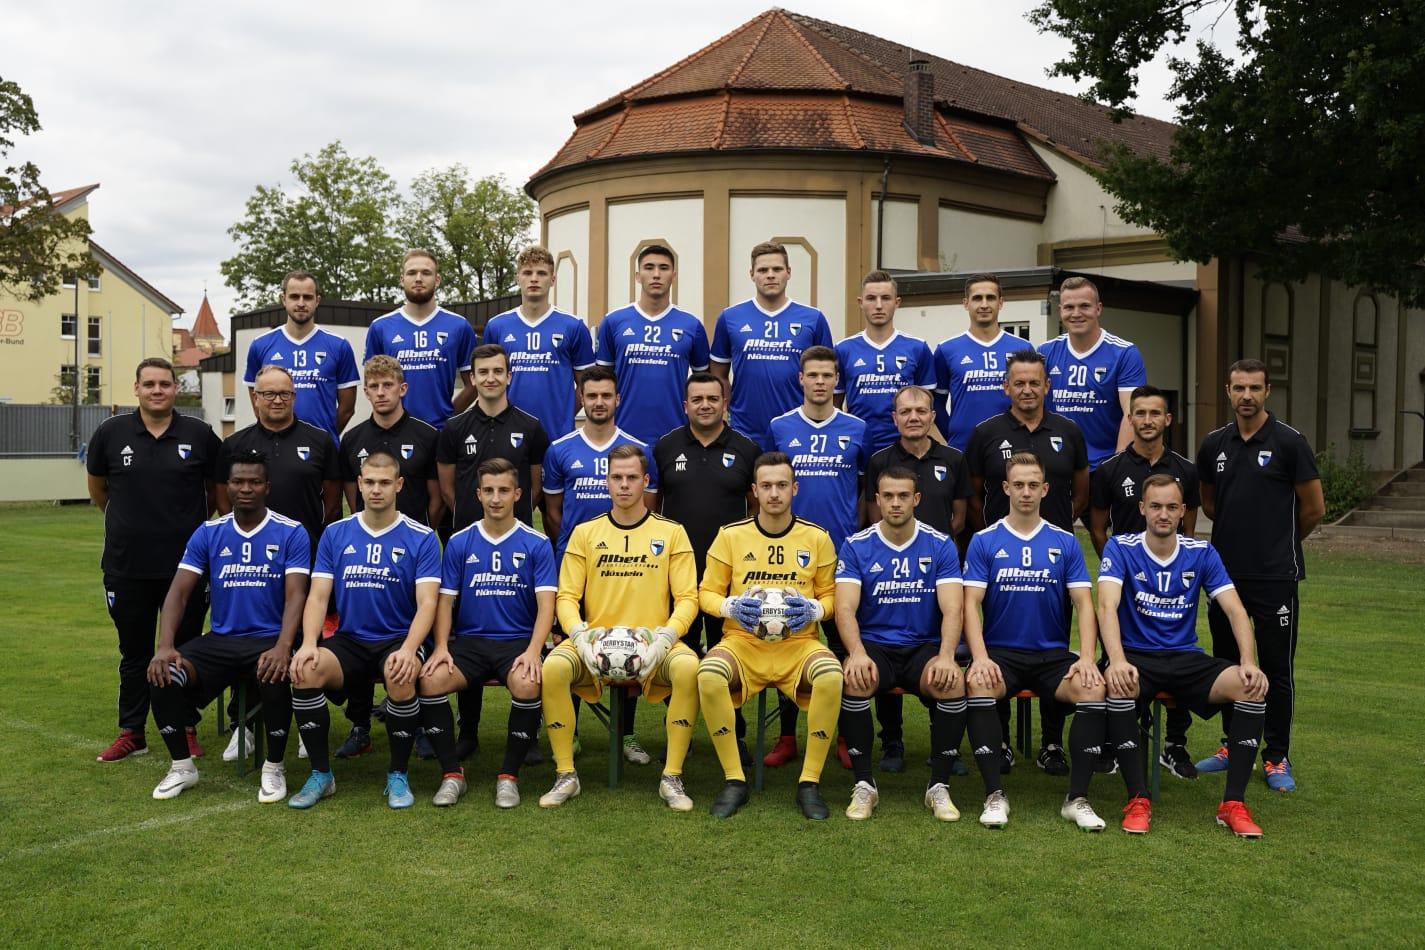 Teamfoto 1. Mannschaft der Saison 2019/2020